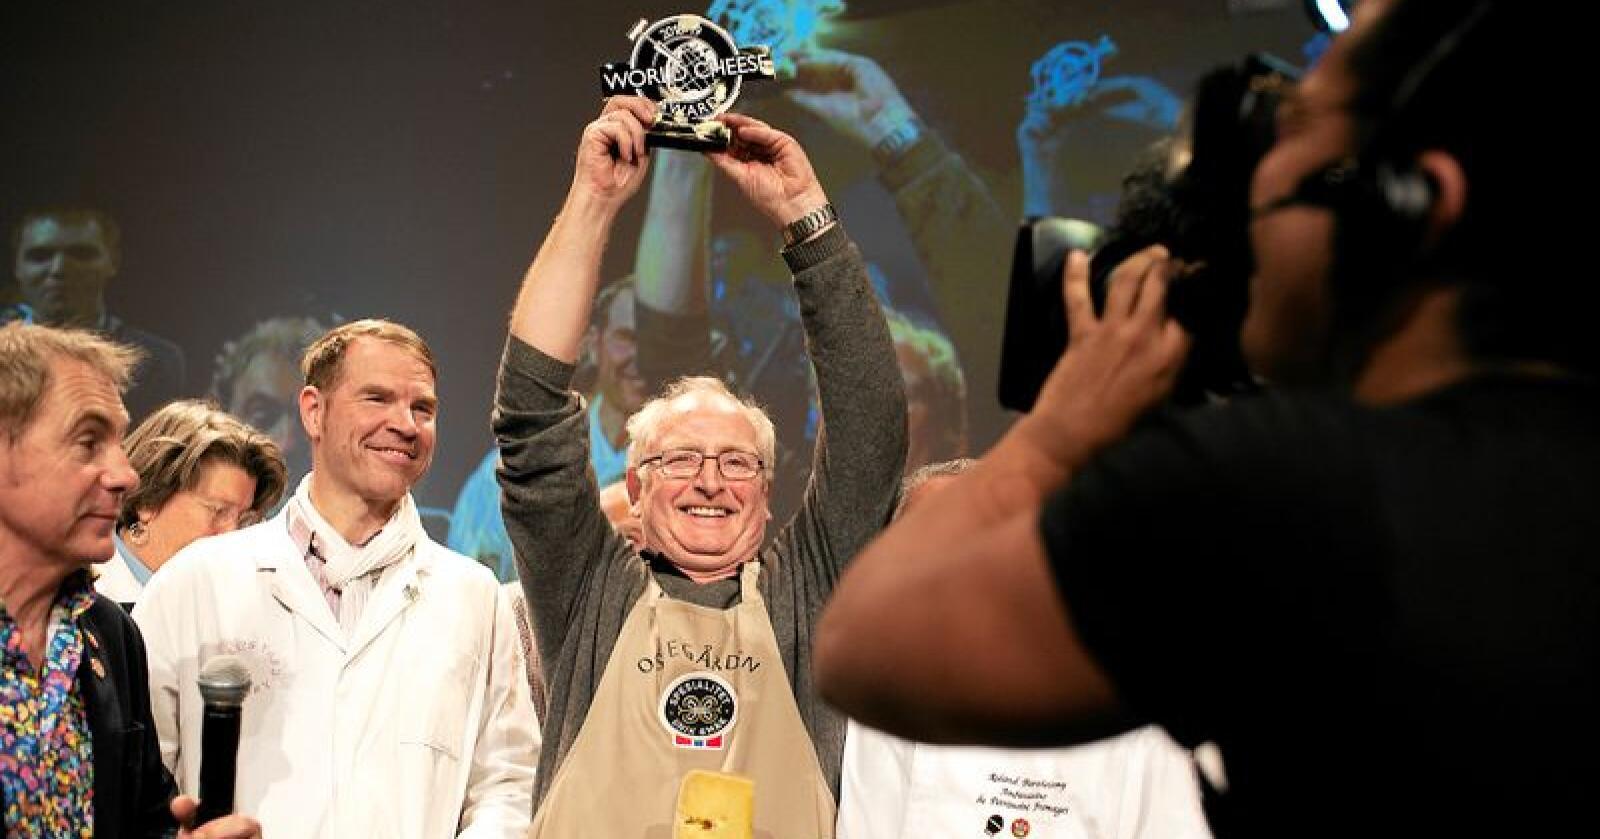 Fanaost og Ostegården gikk av med seieren i fjor. Hva som blir verdens beste ost i år, blir avgjort i helga. Foto: Odd Mehus / Hanen